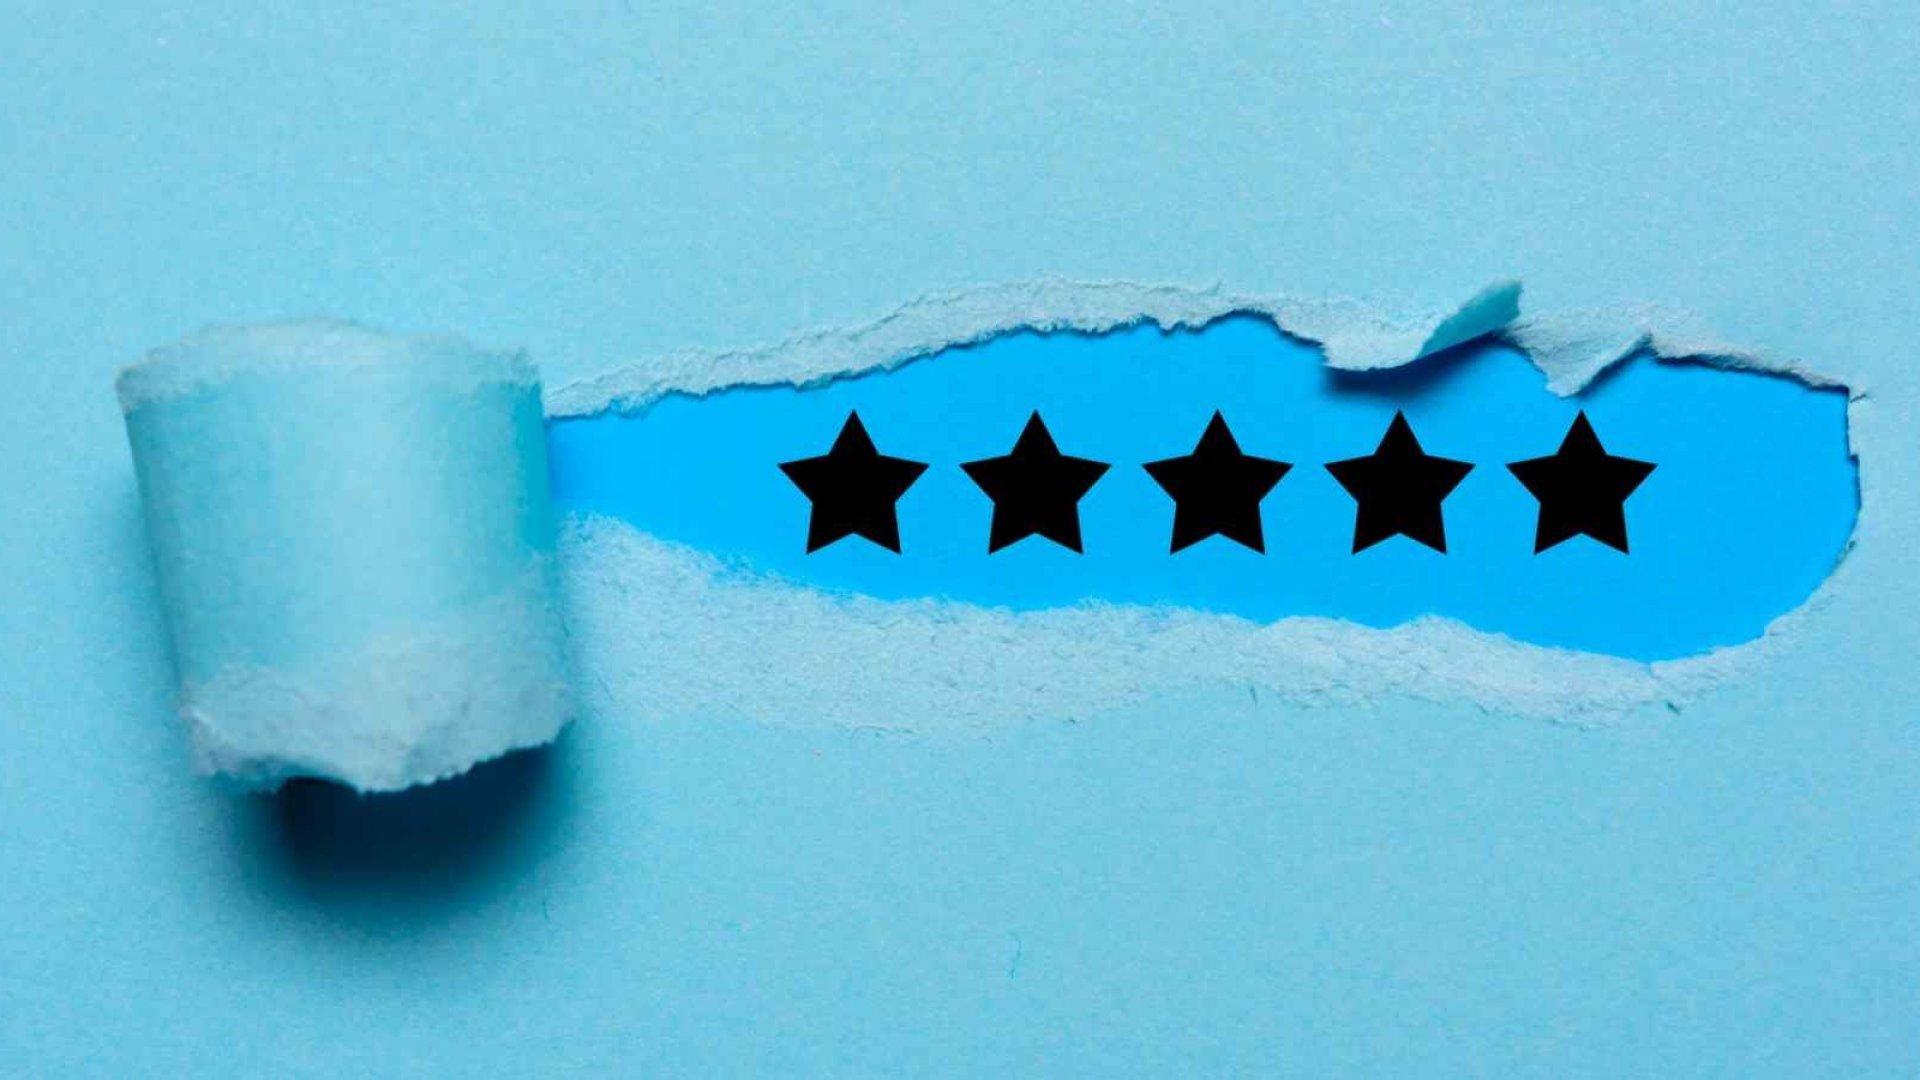 Five stars.